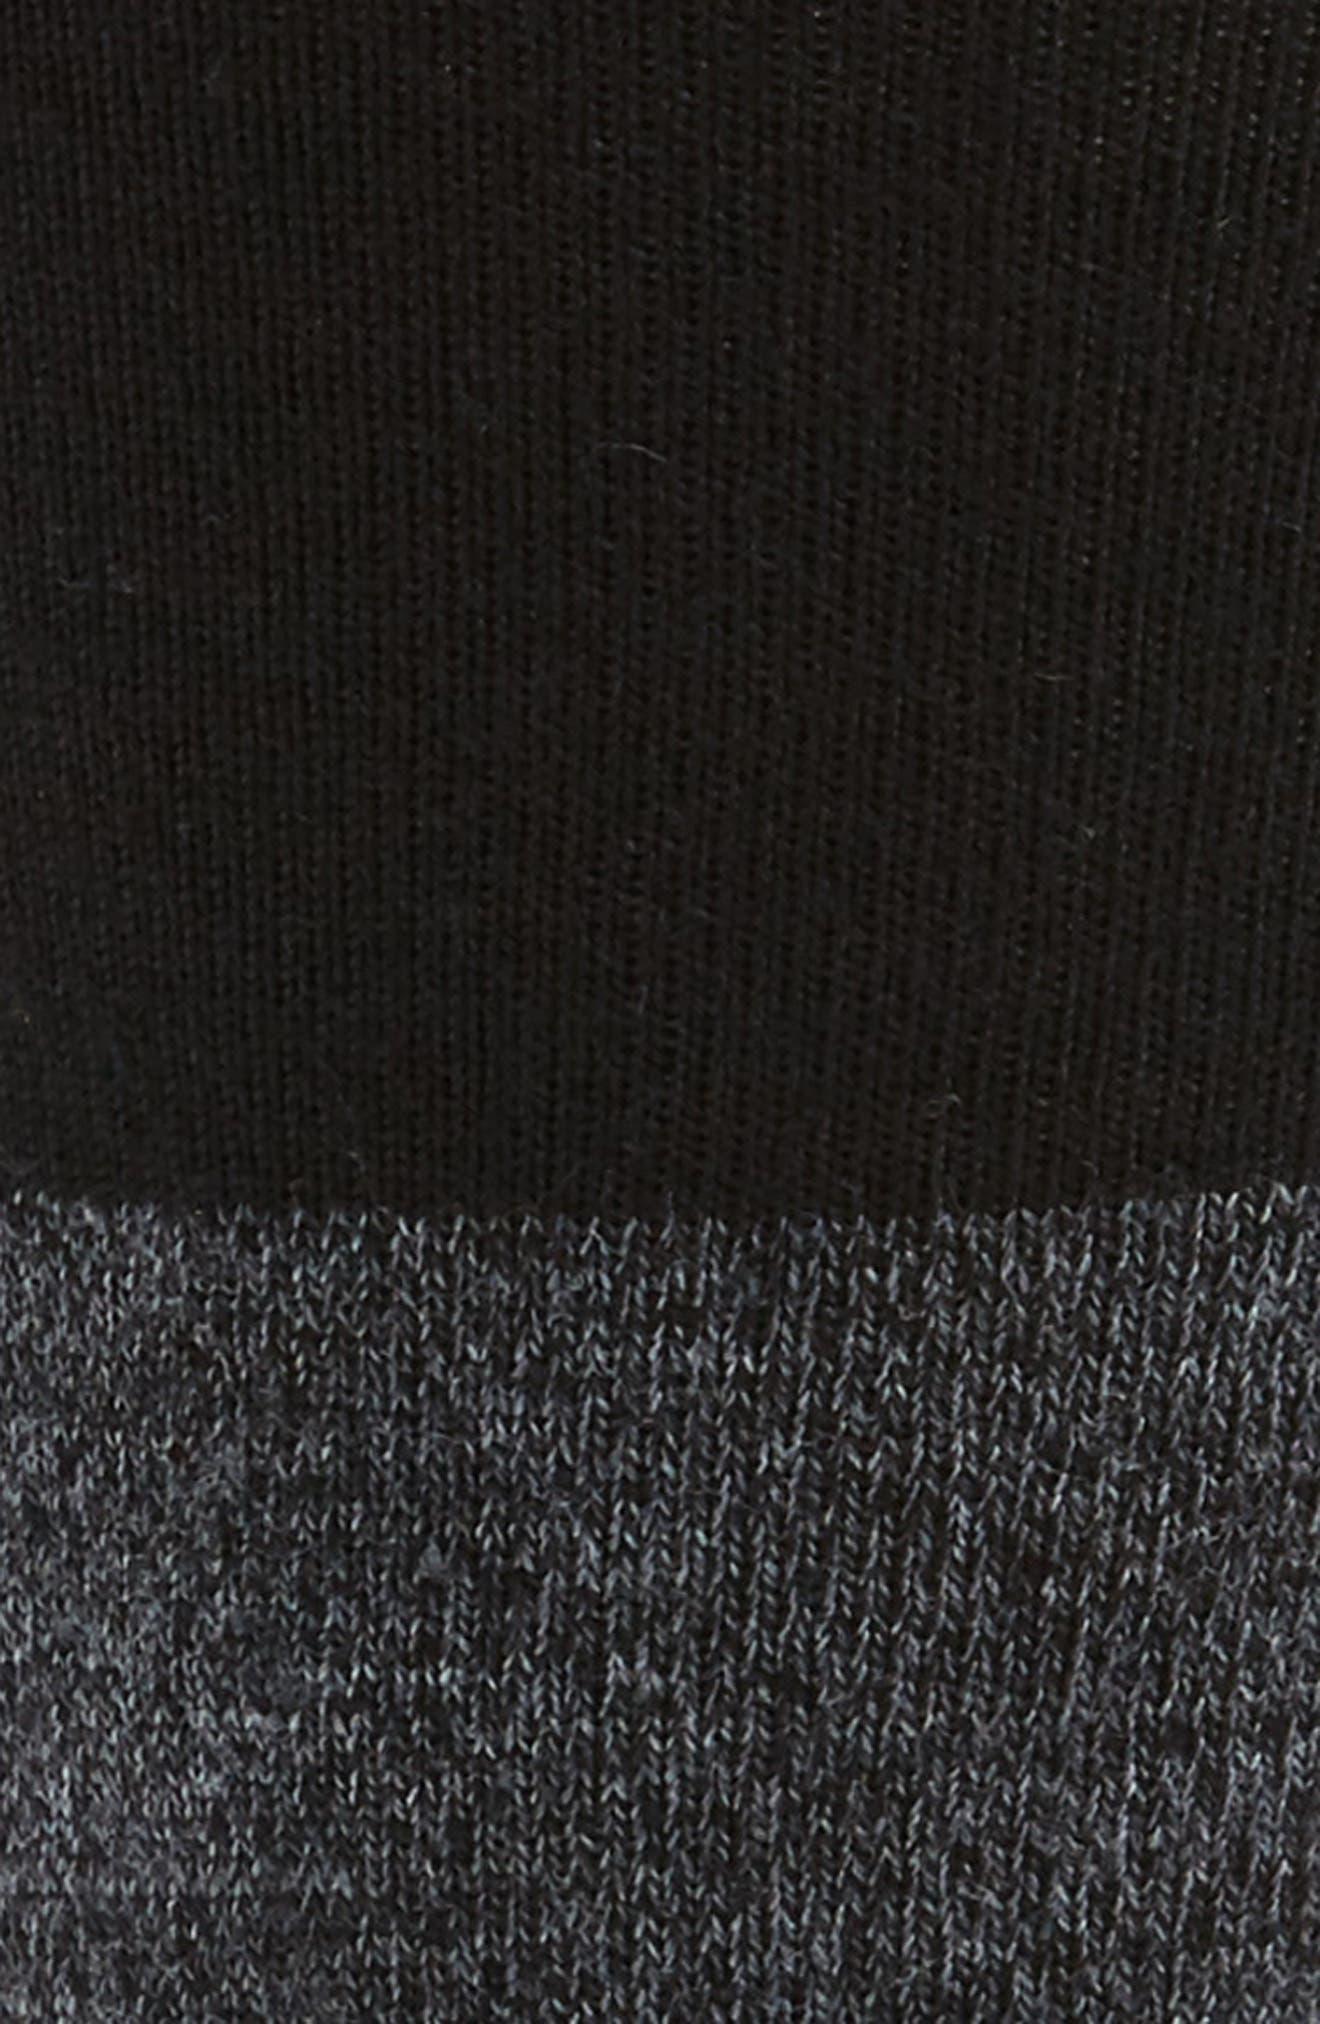 Faversham Colorblock Socks,                             Alternate thumbnail 2, color,                             030